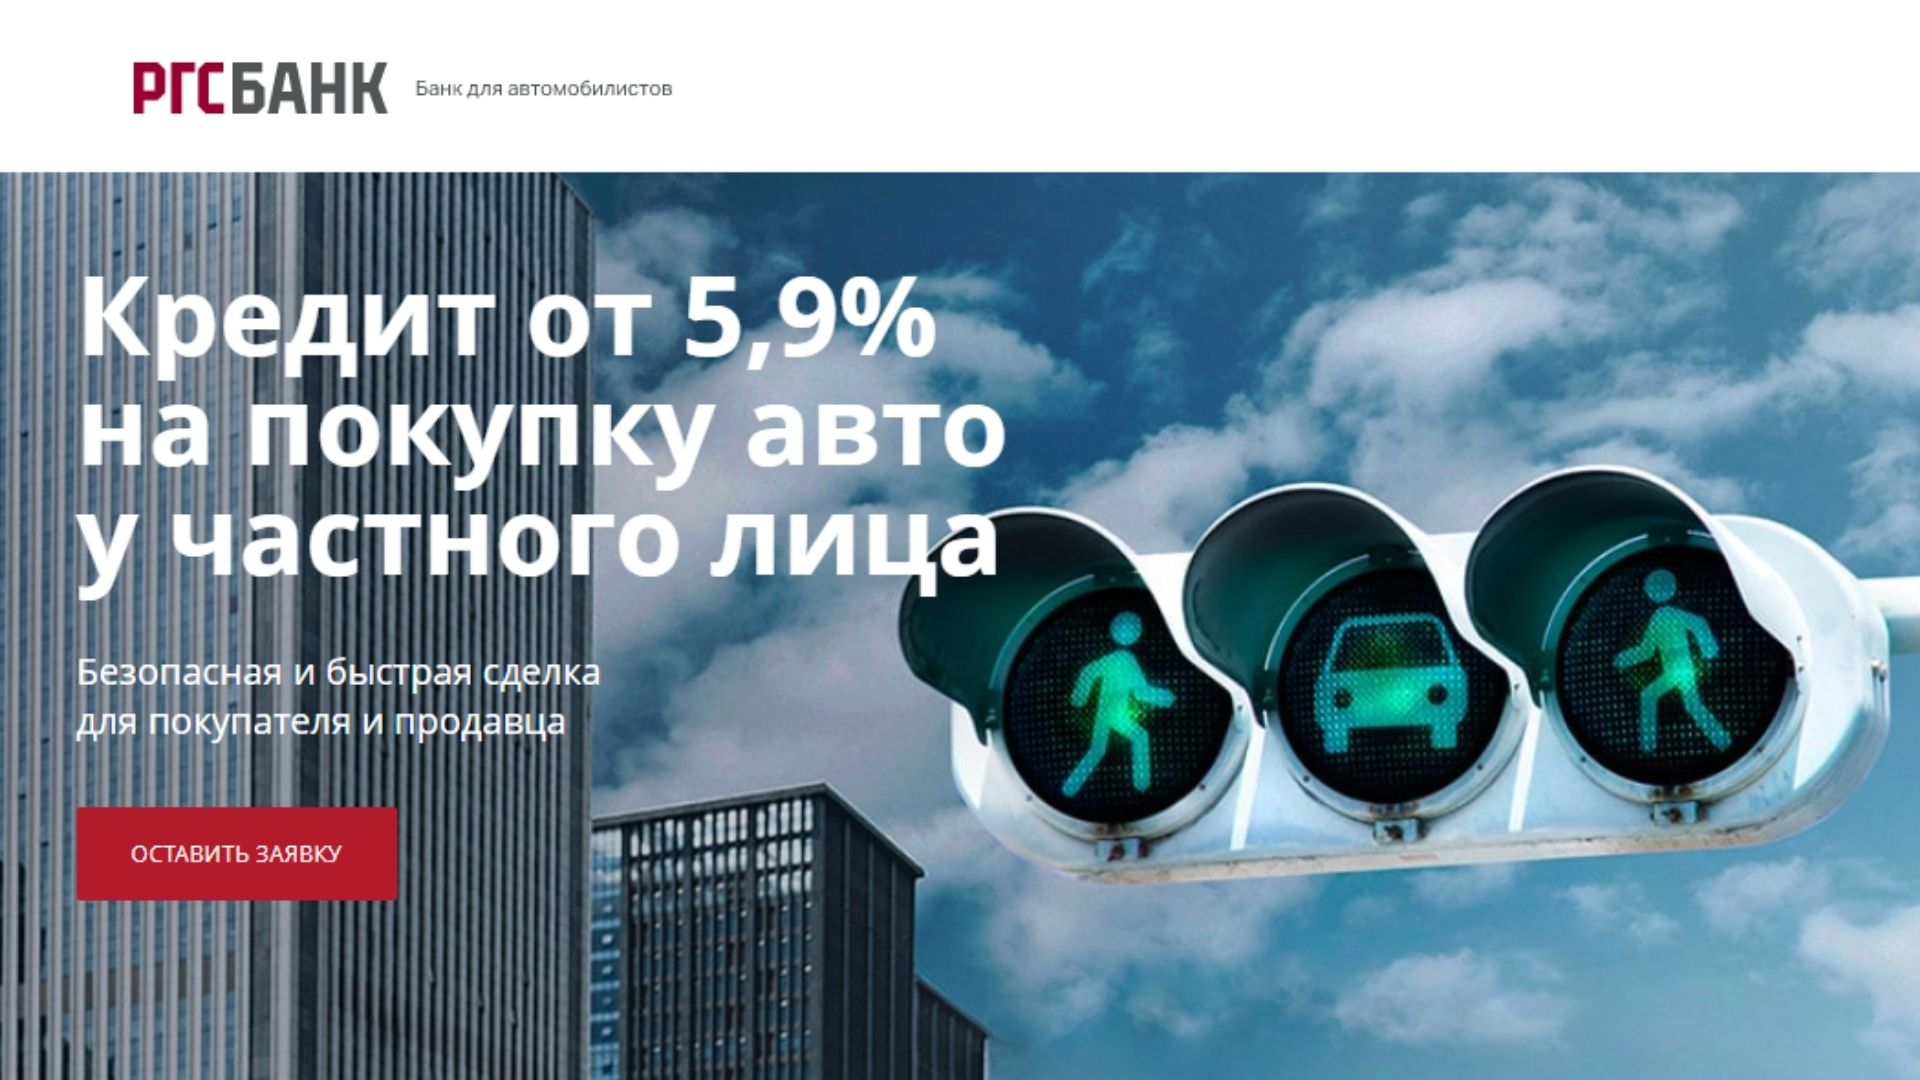 Автокредит. Самый низкий процент в Газпромбанке. Ставка 5,9%